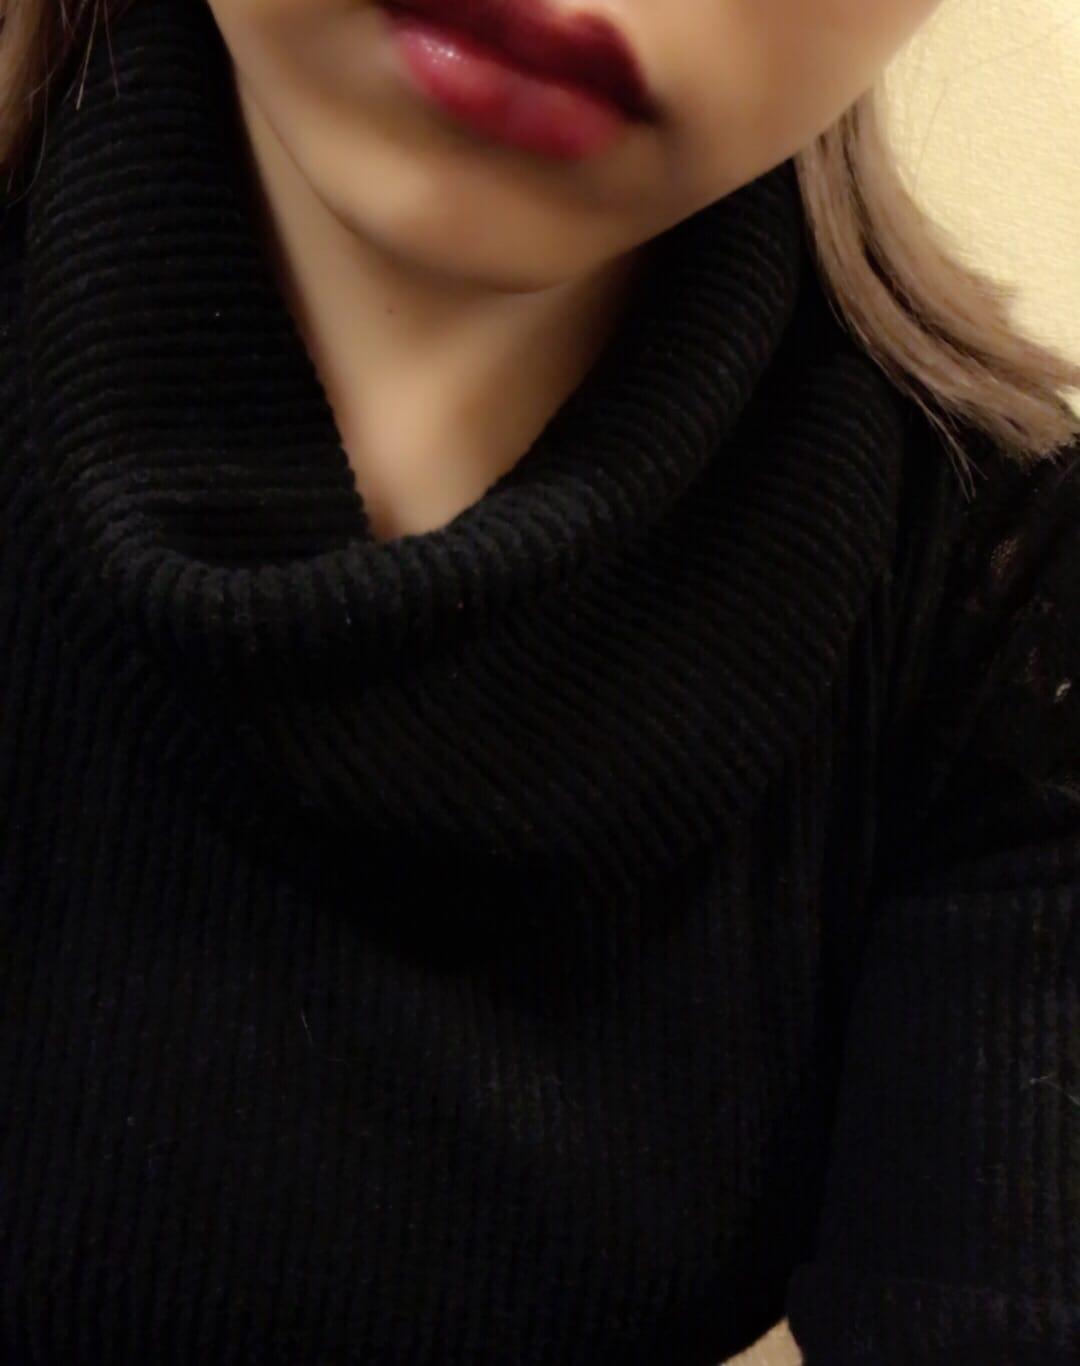 「あったか…♡」12/04(12/04) 02:06 | れみの写メ・風俗動画